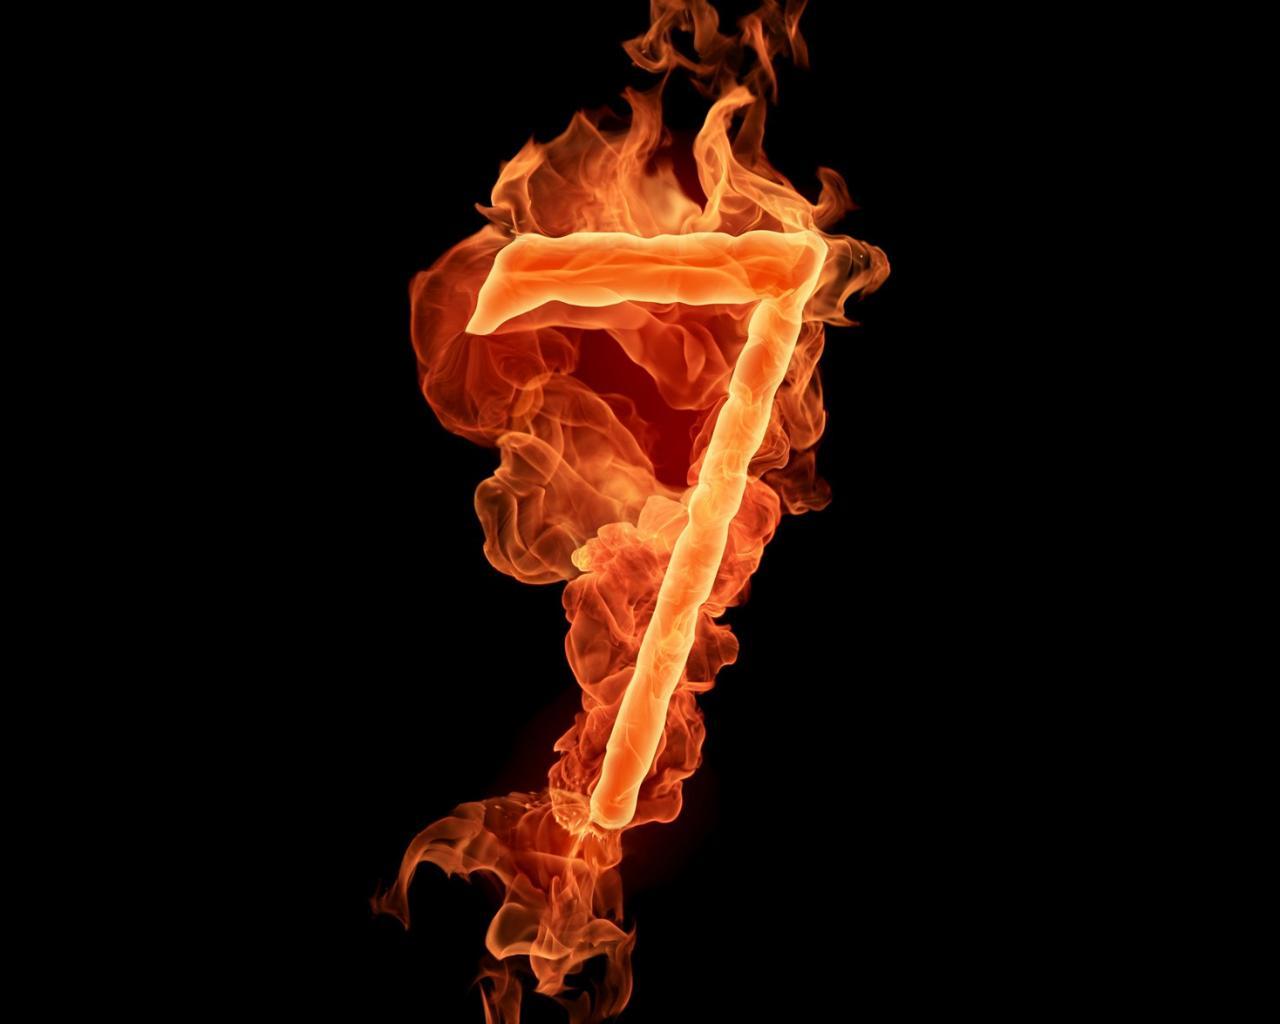 numerologiya 7 - Число 7 в нумерологии